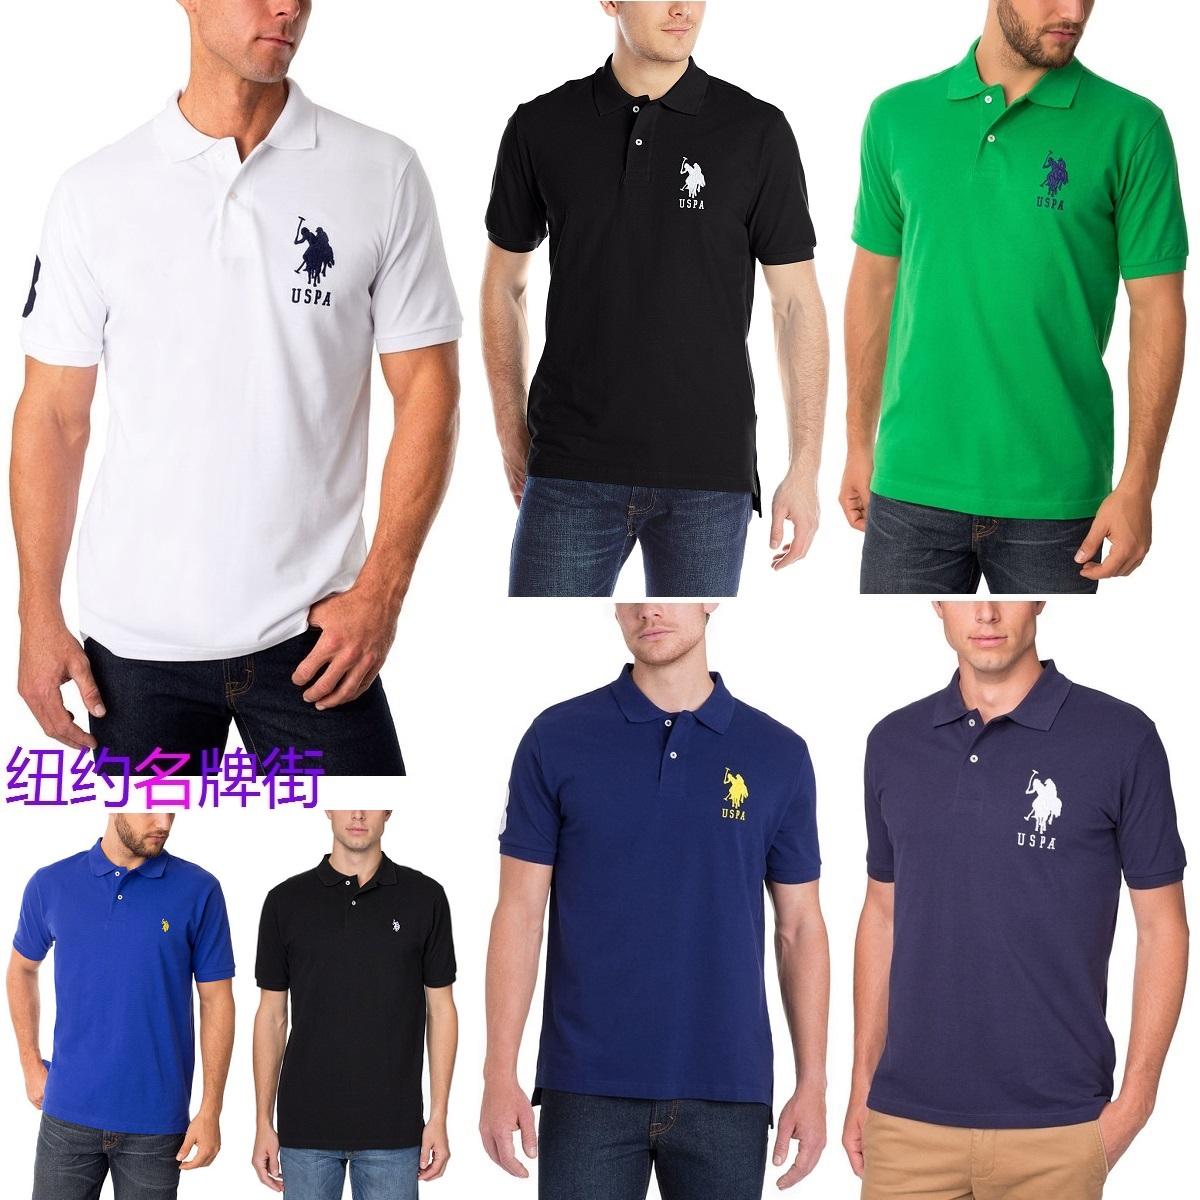 Polo shirt U.S. Polo Assn. new Polo logo Summer Cotton mens T-shirt